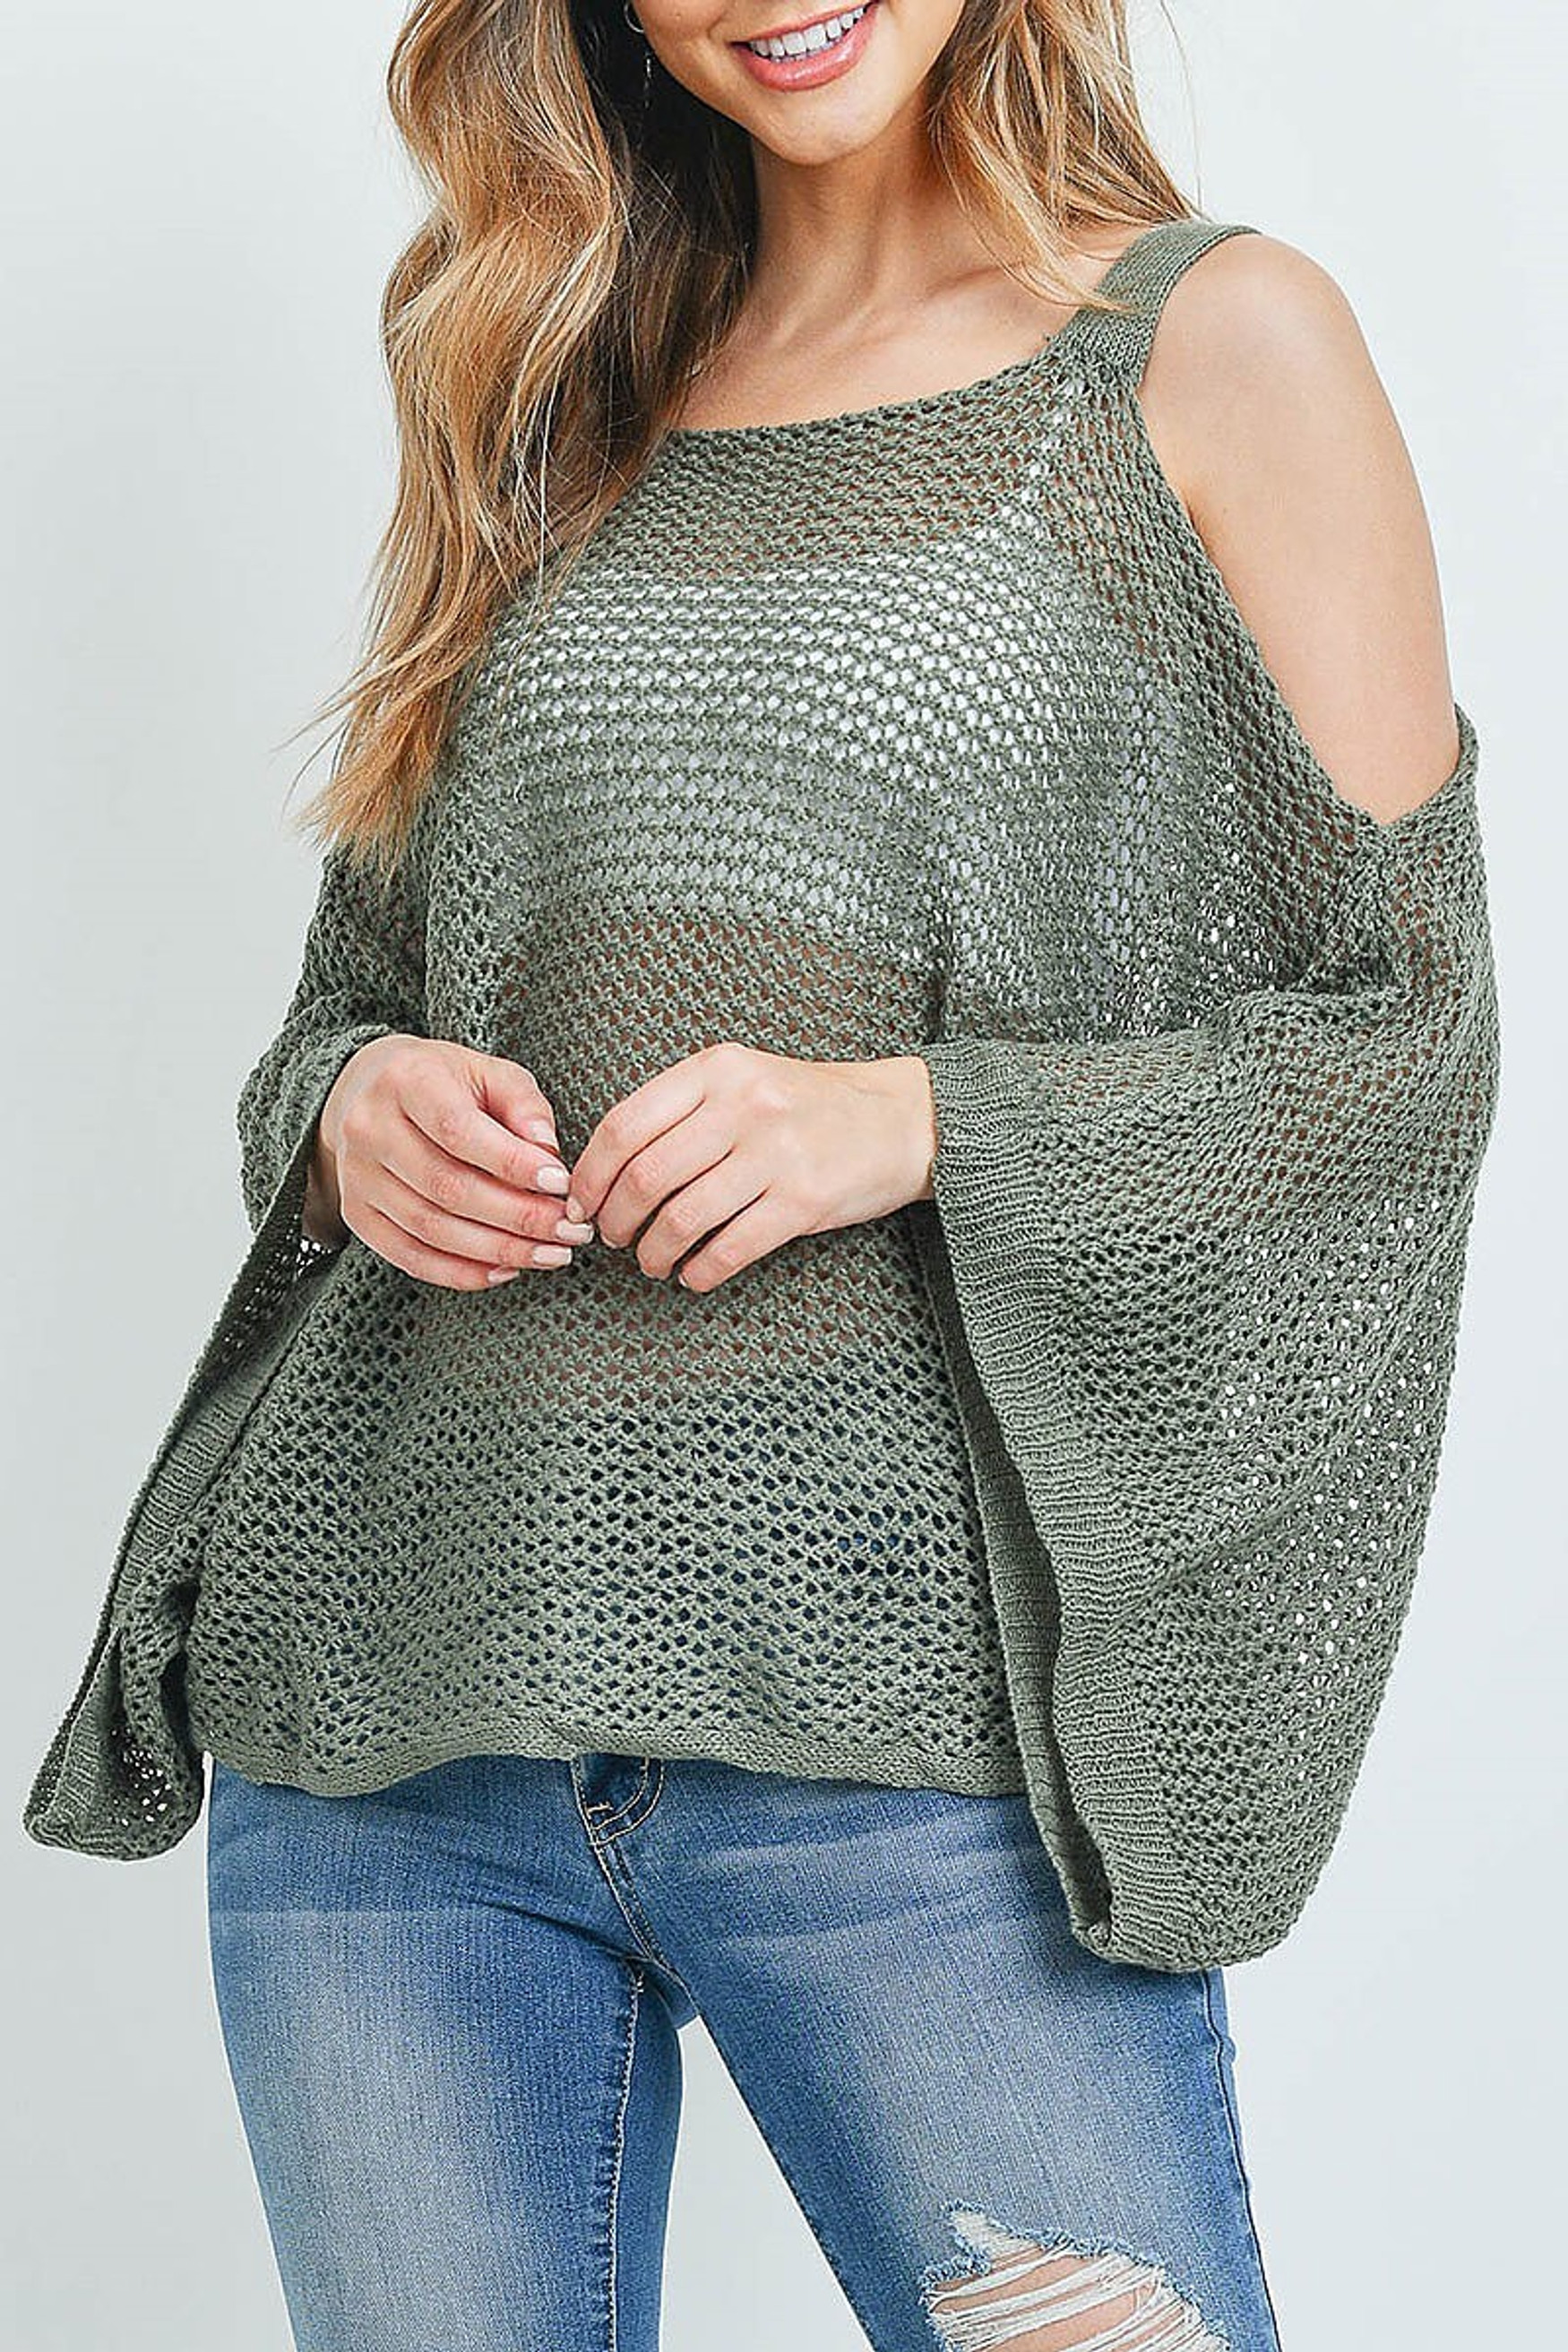 Olive Crochet Wide Sleeve Cold Shoulder Top